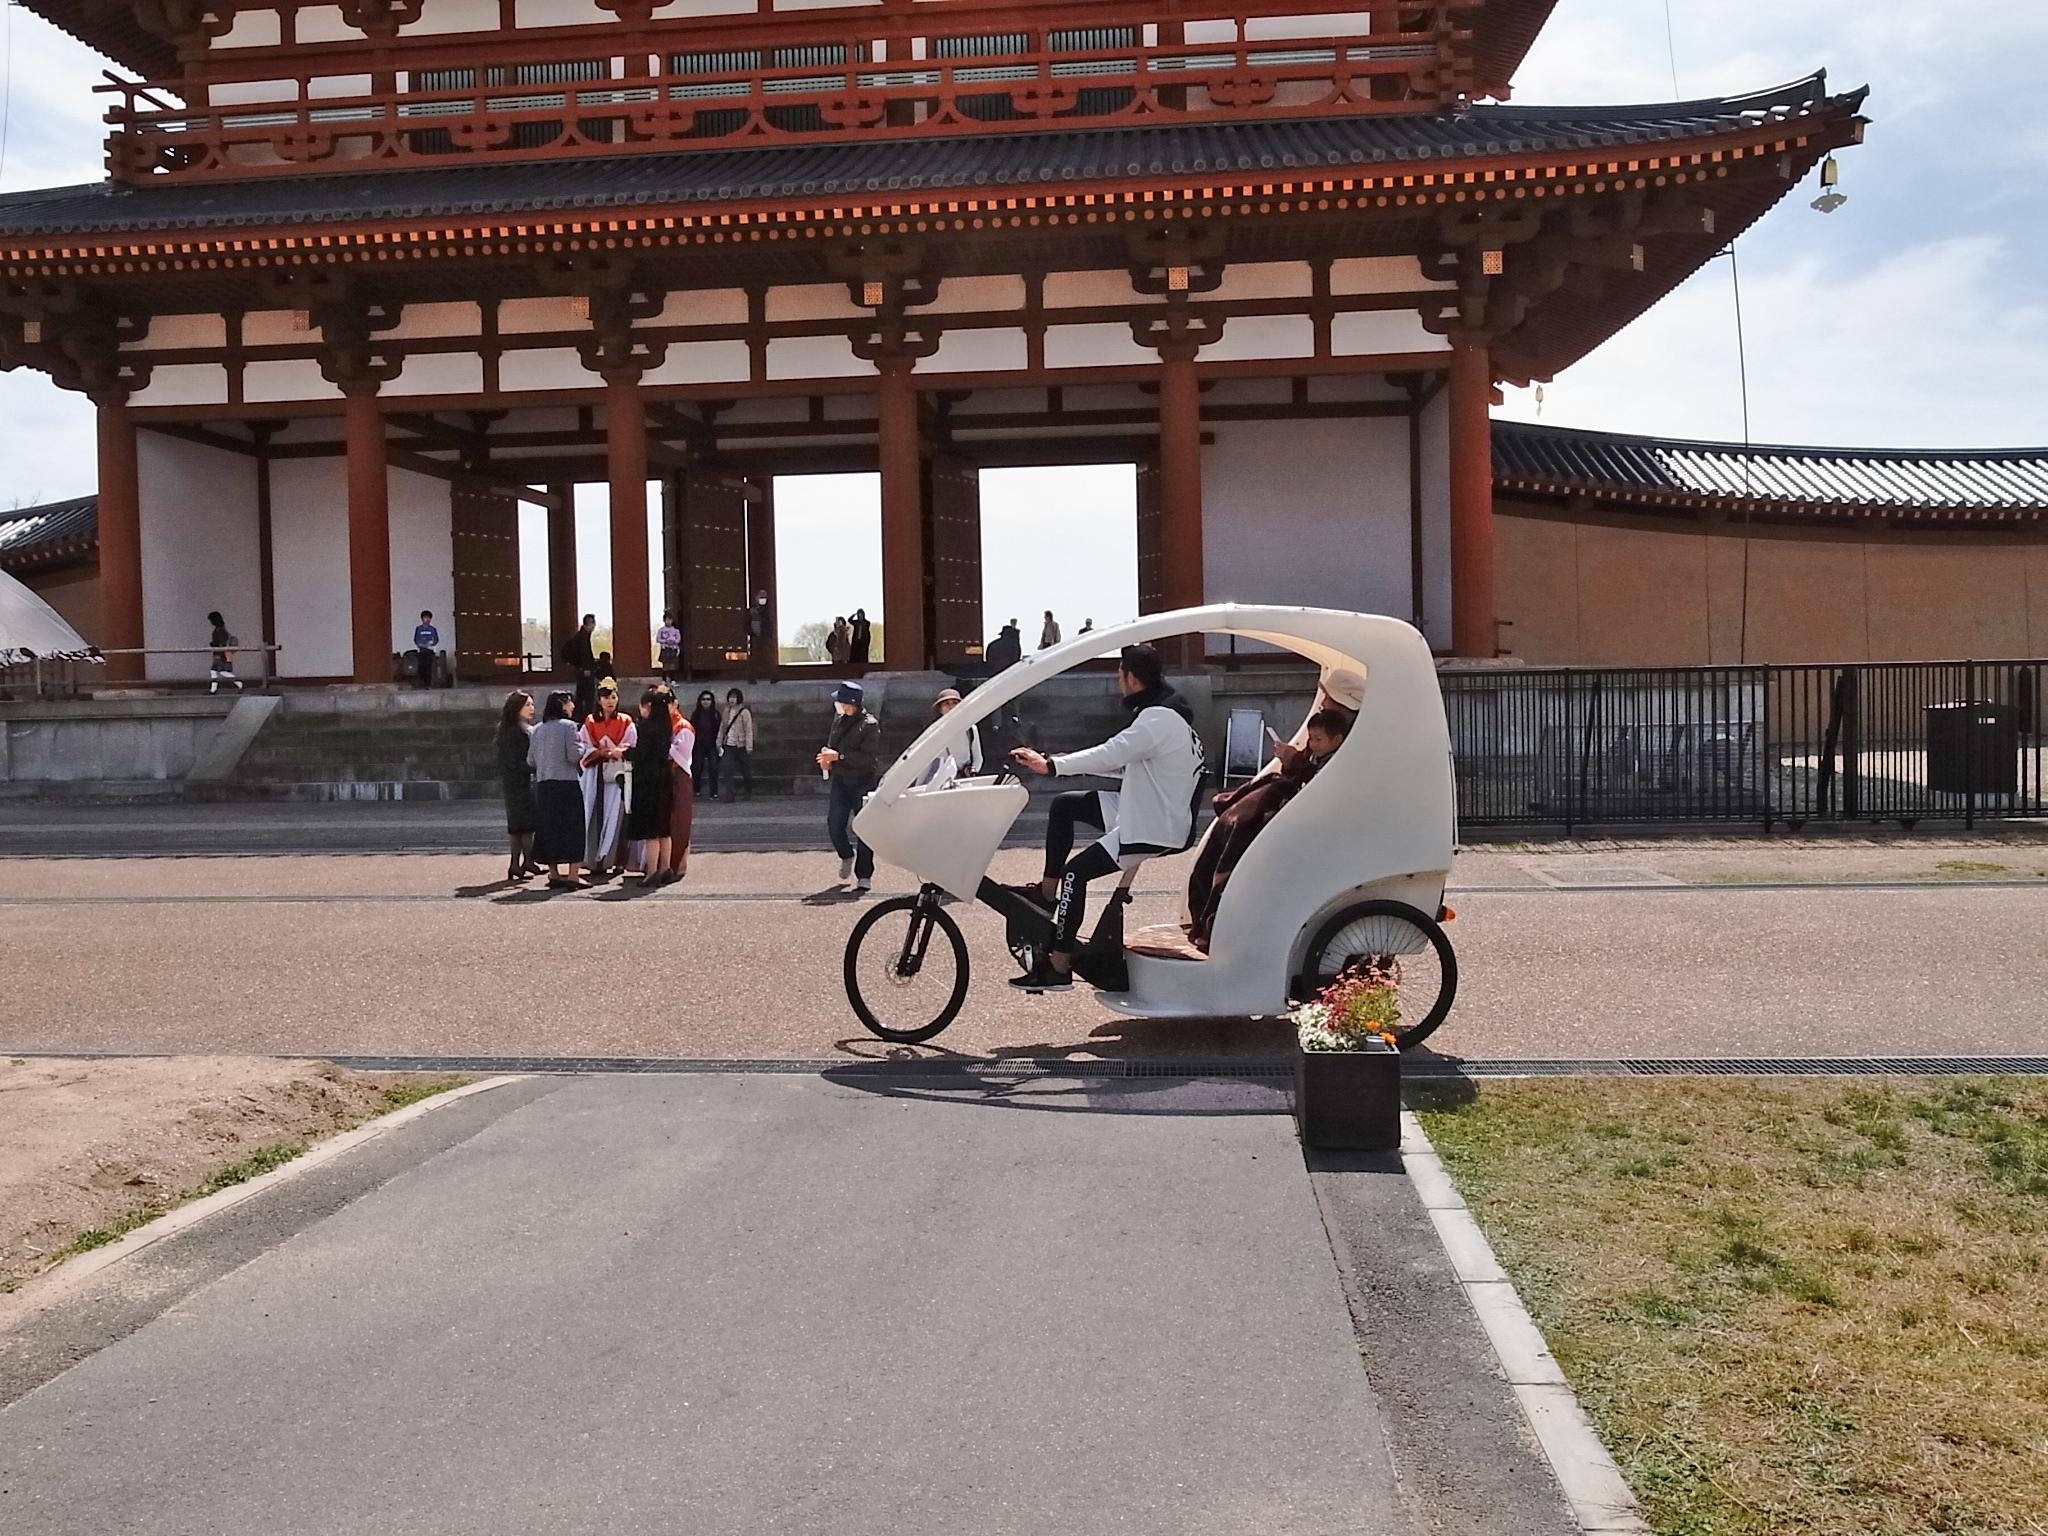 三輪自転車の移動サービス。2名乗れて15分コース500円/台。